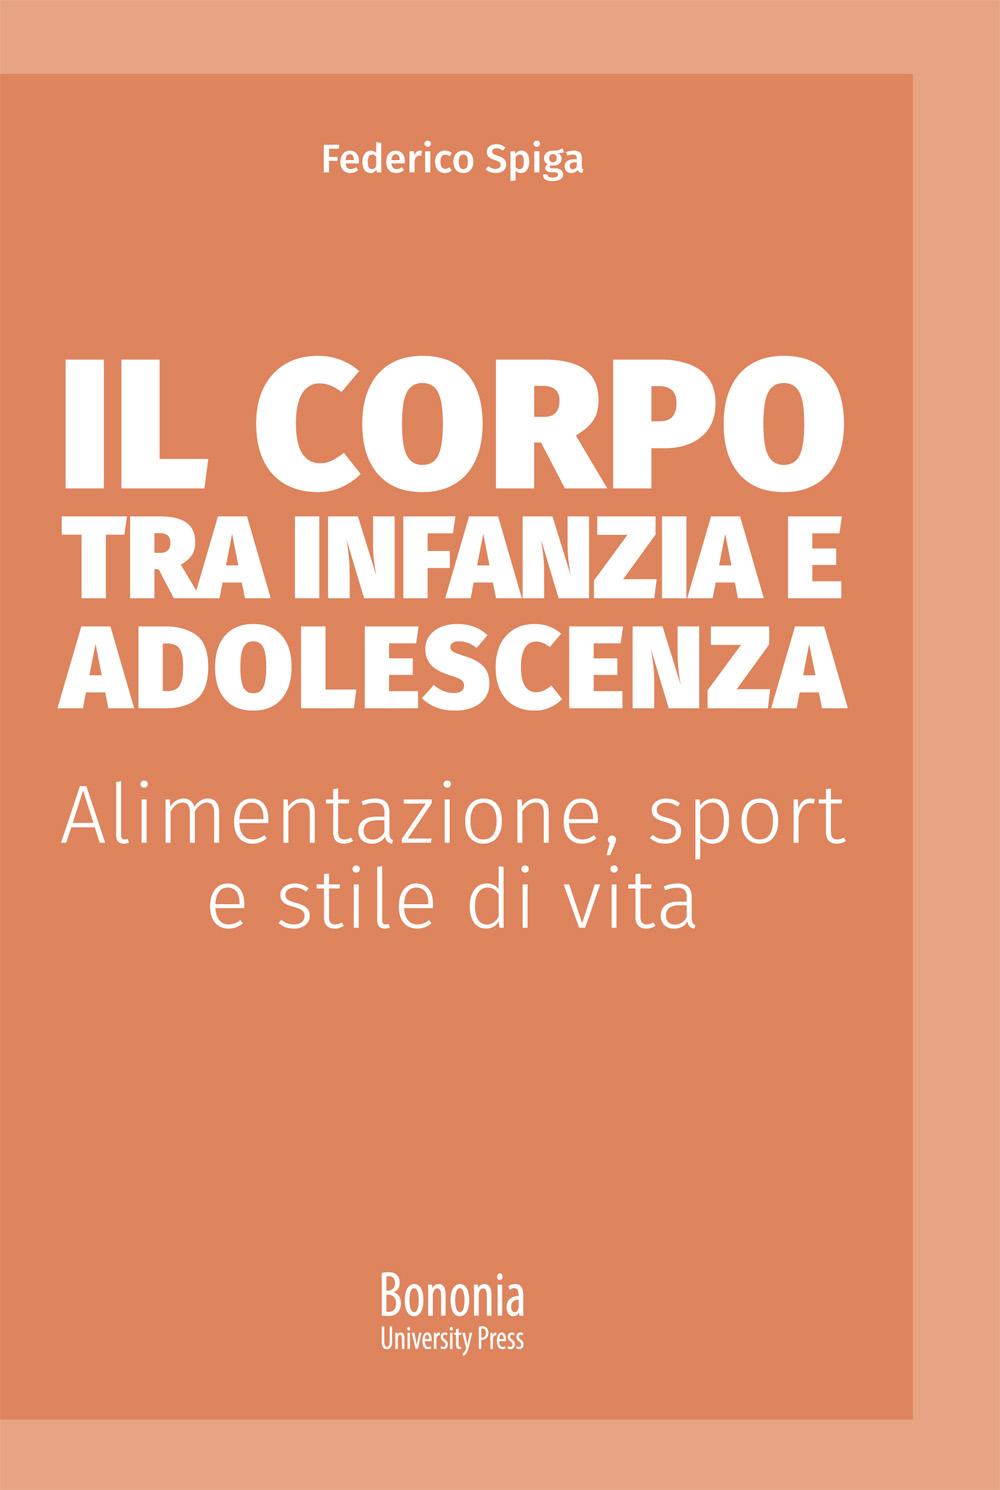 Il corpo tra infanzia e adolescenza - Bononia University Press